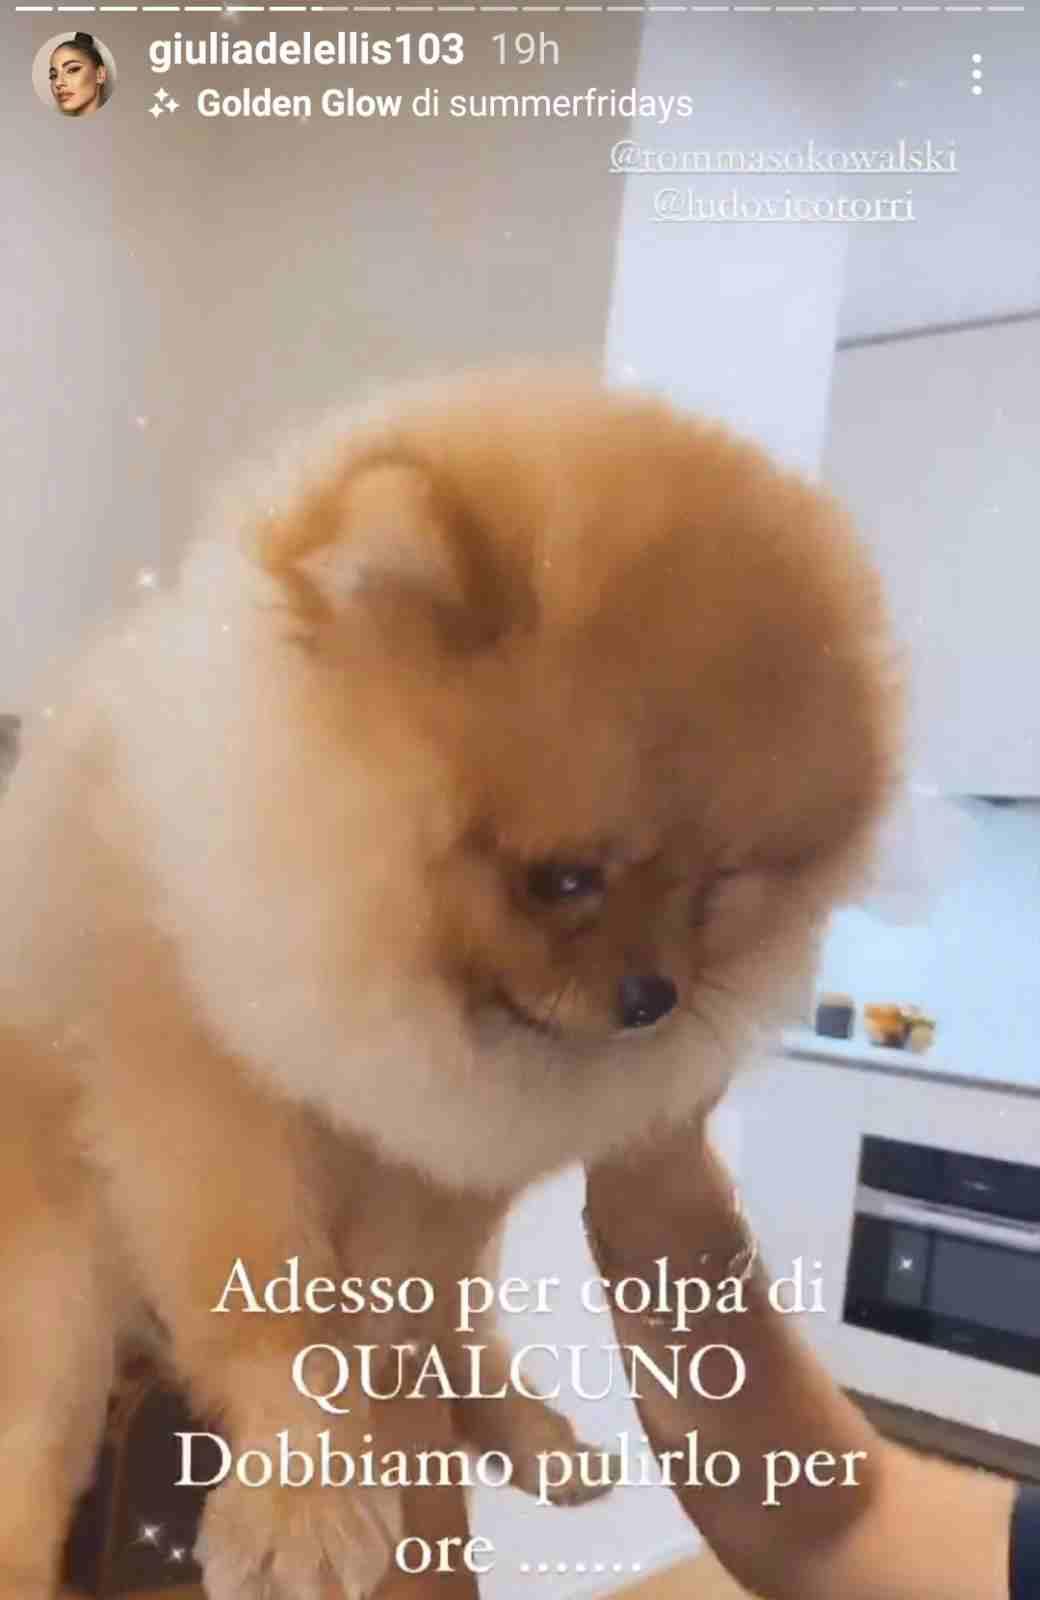 Il cucciolo di Giulia De Lellis - Fonte Instagram